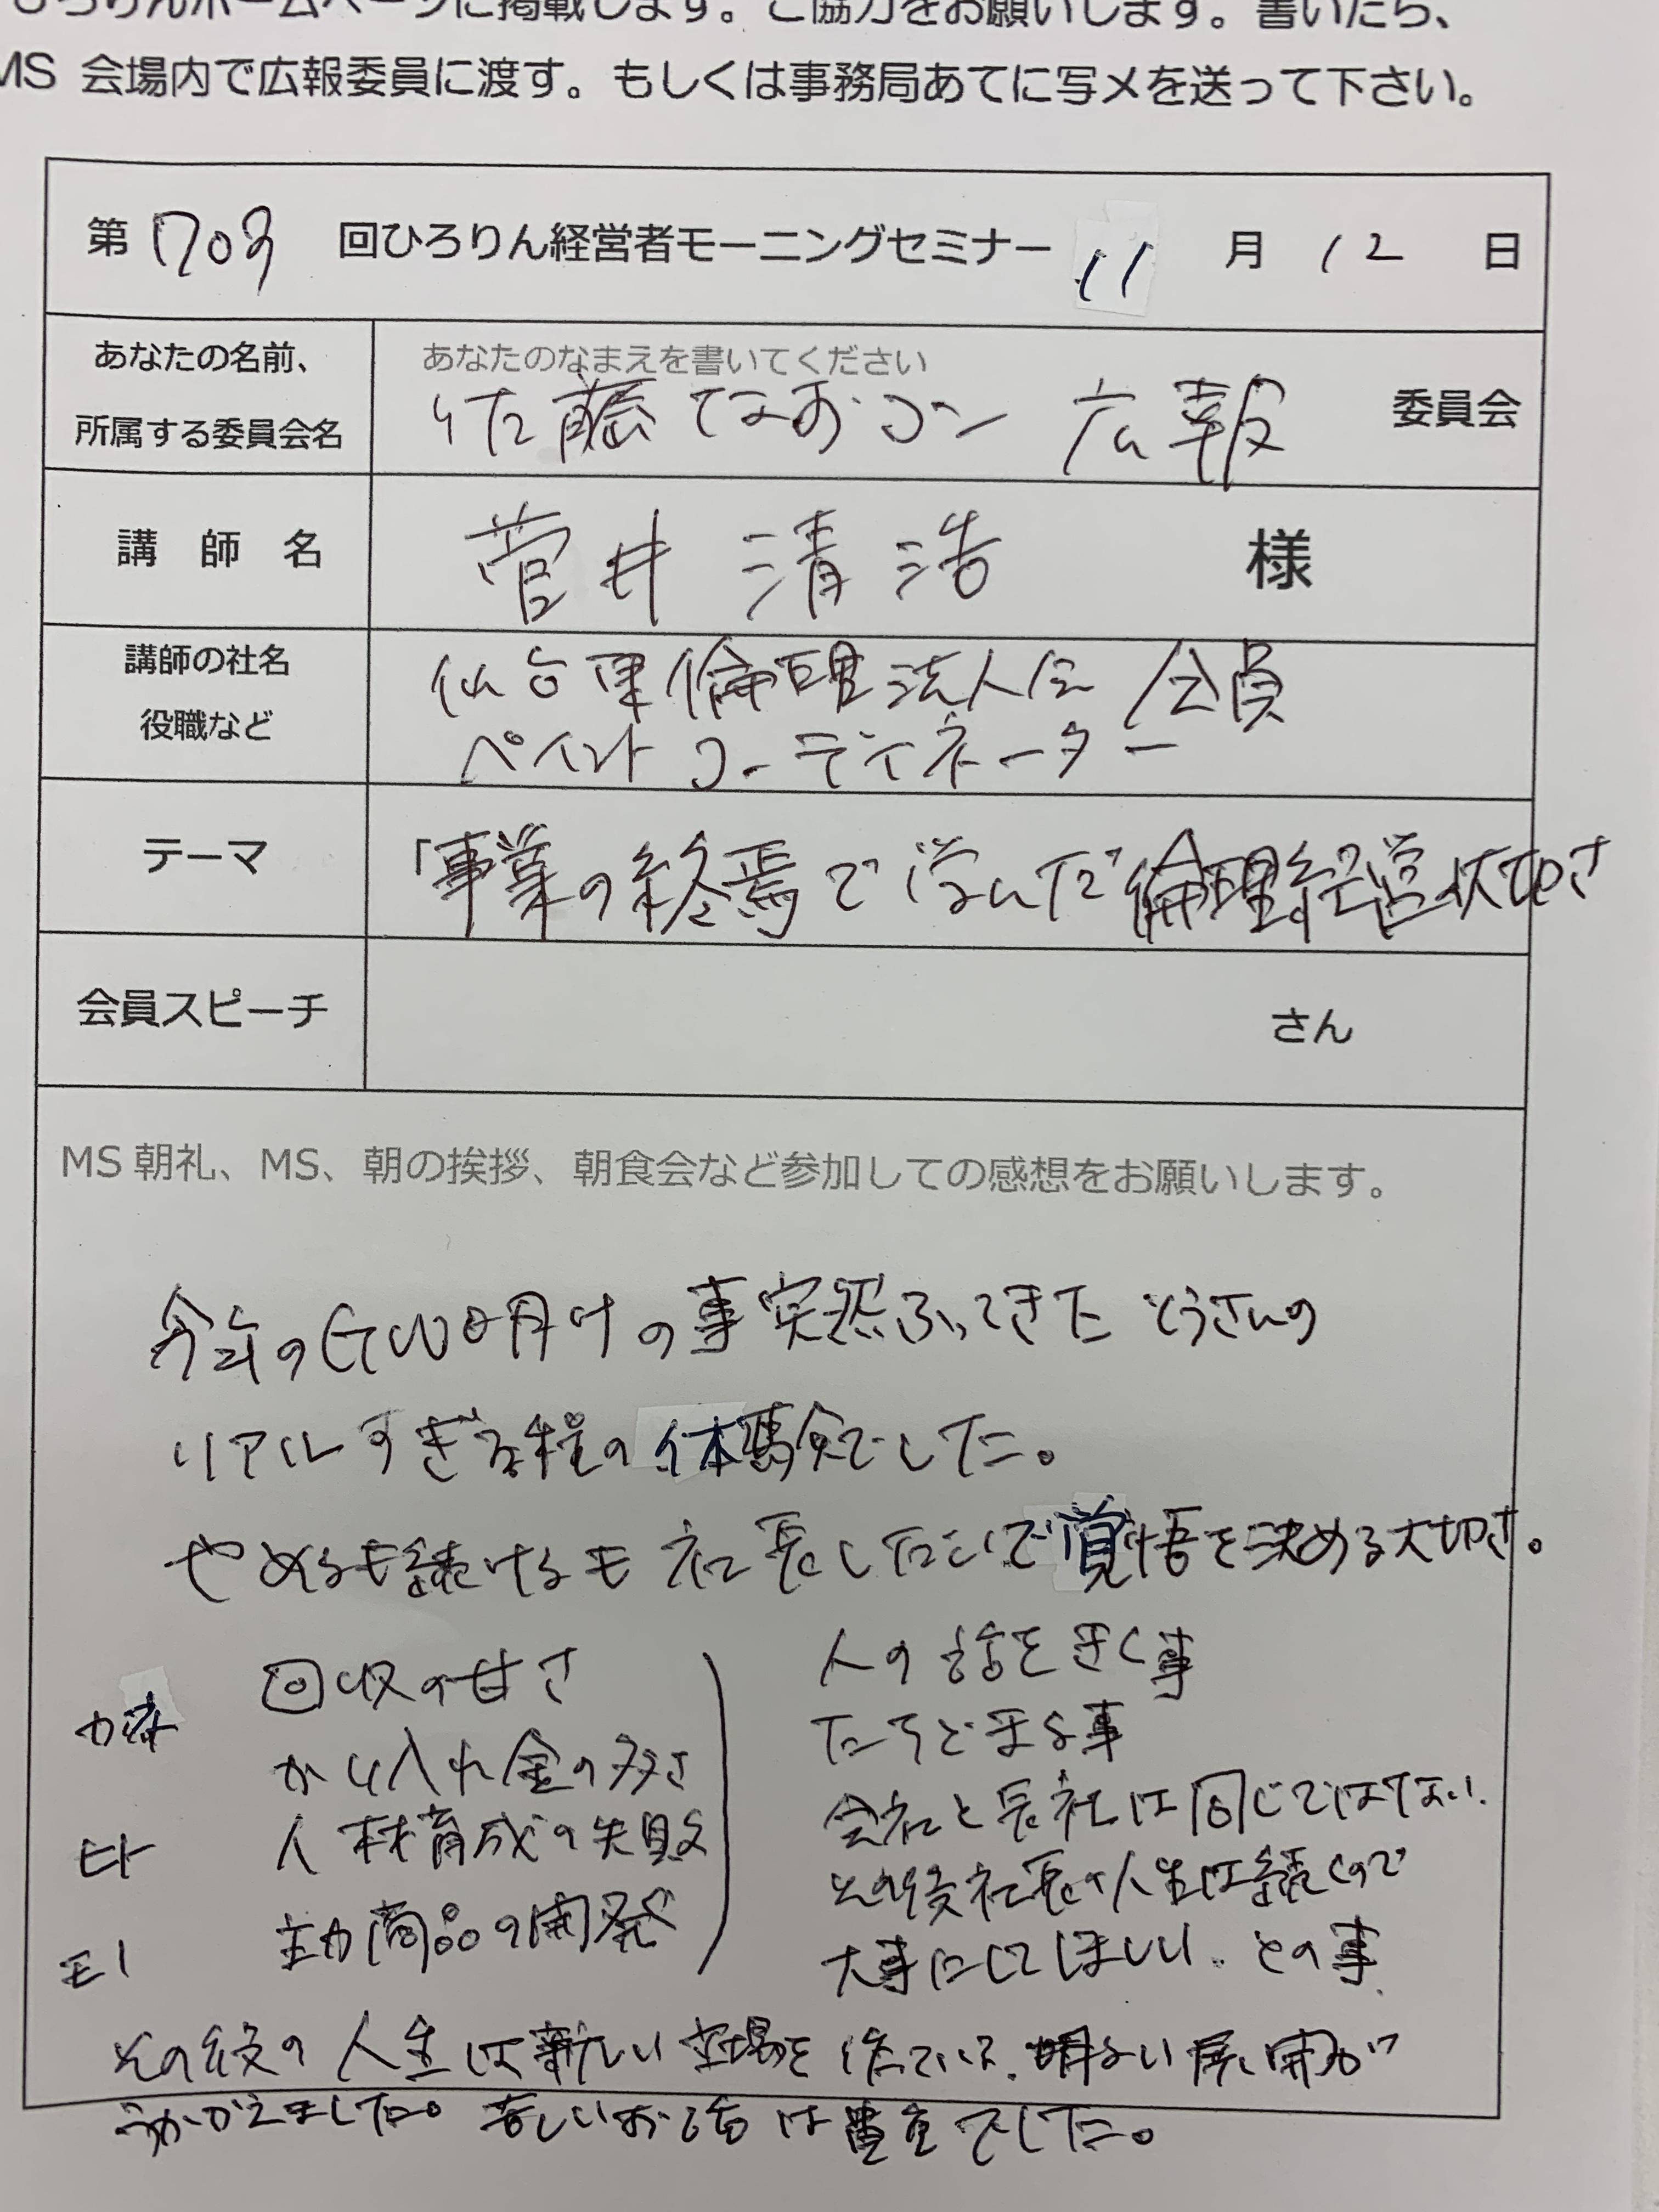 11月12日 第703回MSレポート